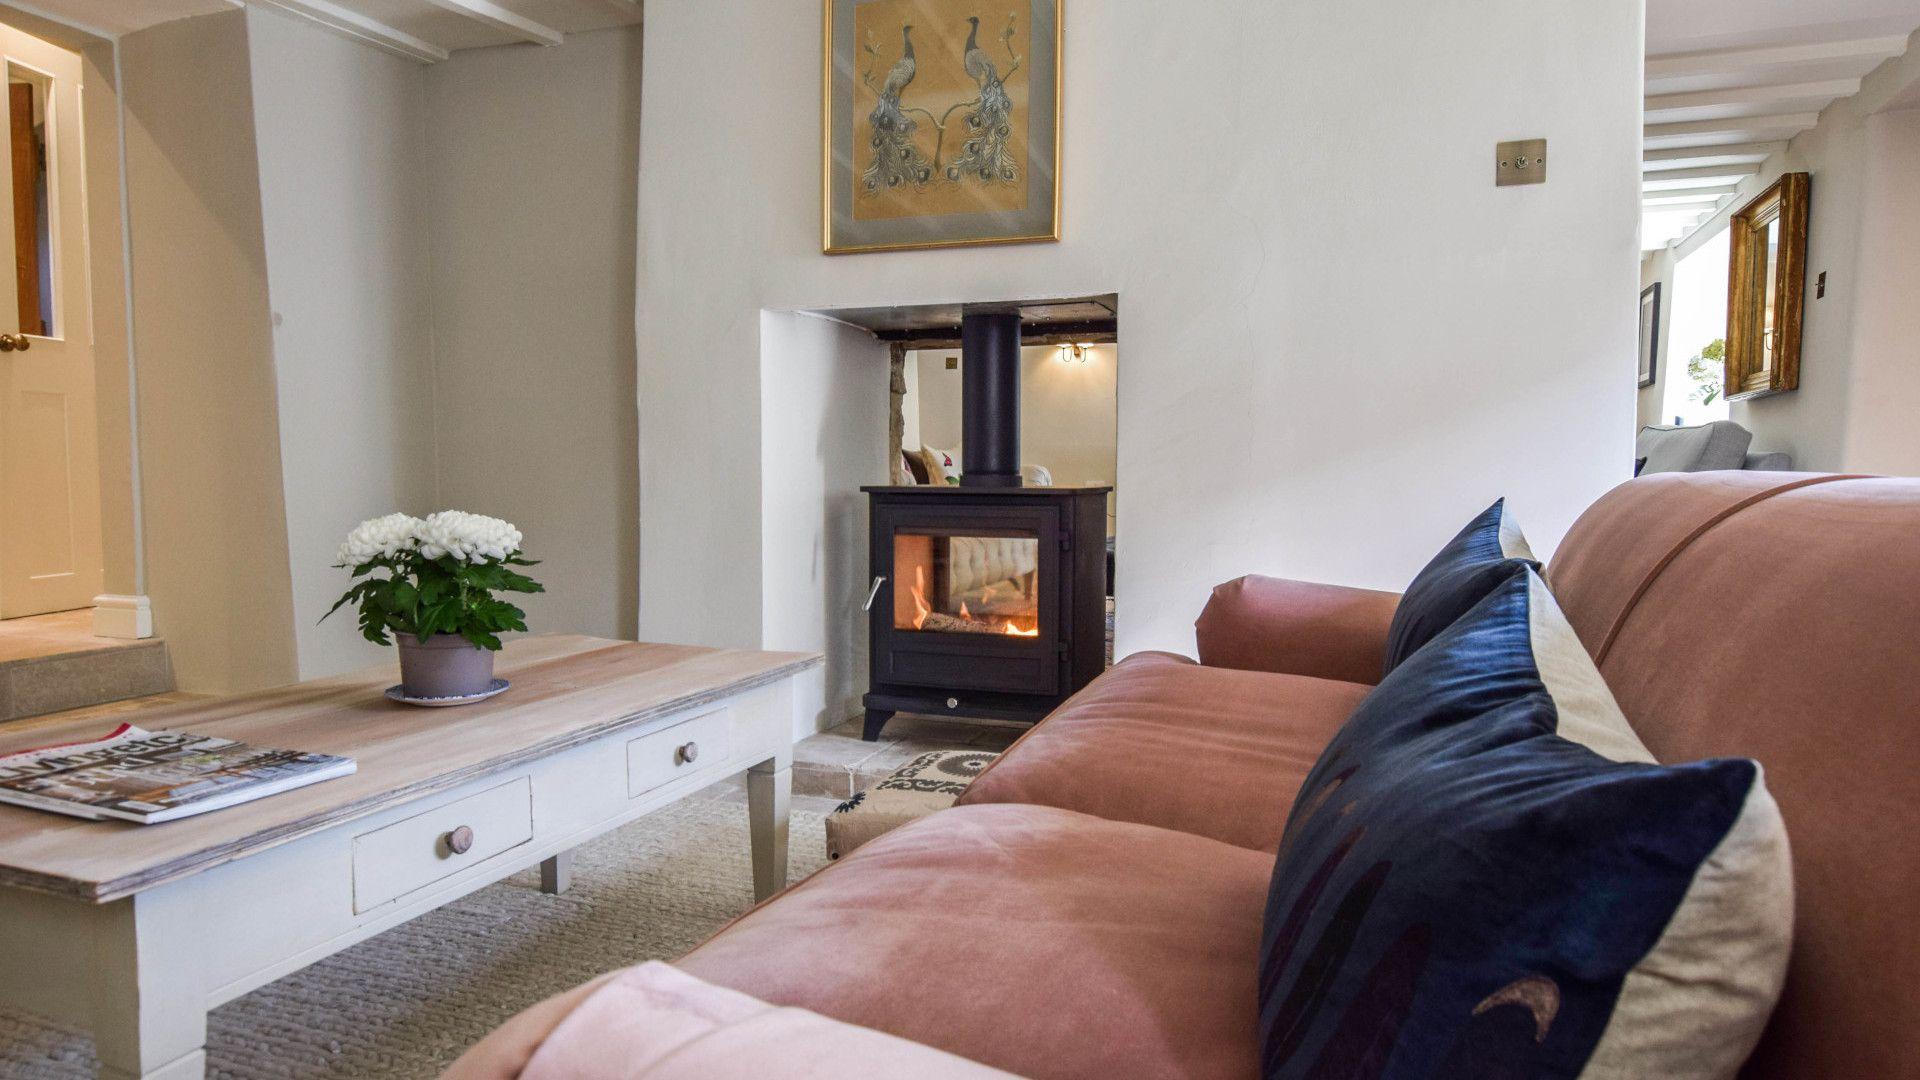 Snug with log burner, Lovell Cottage, Bolthole Retreats